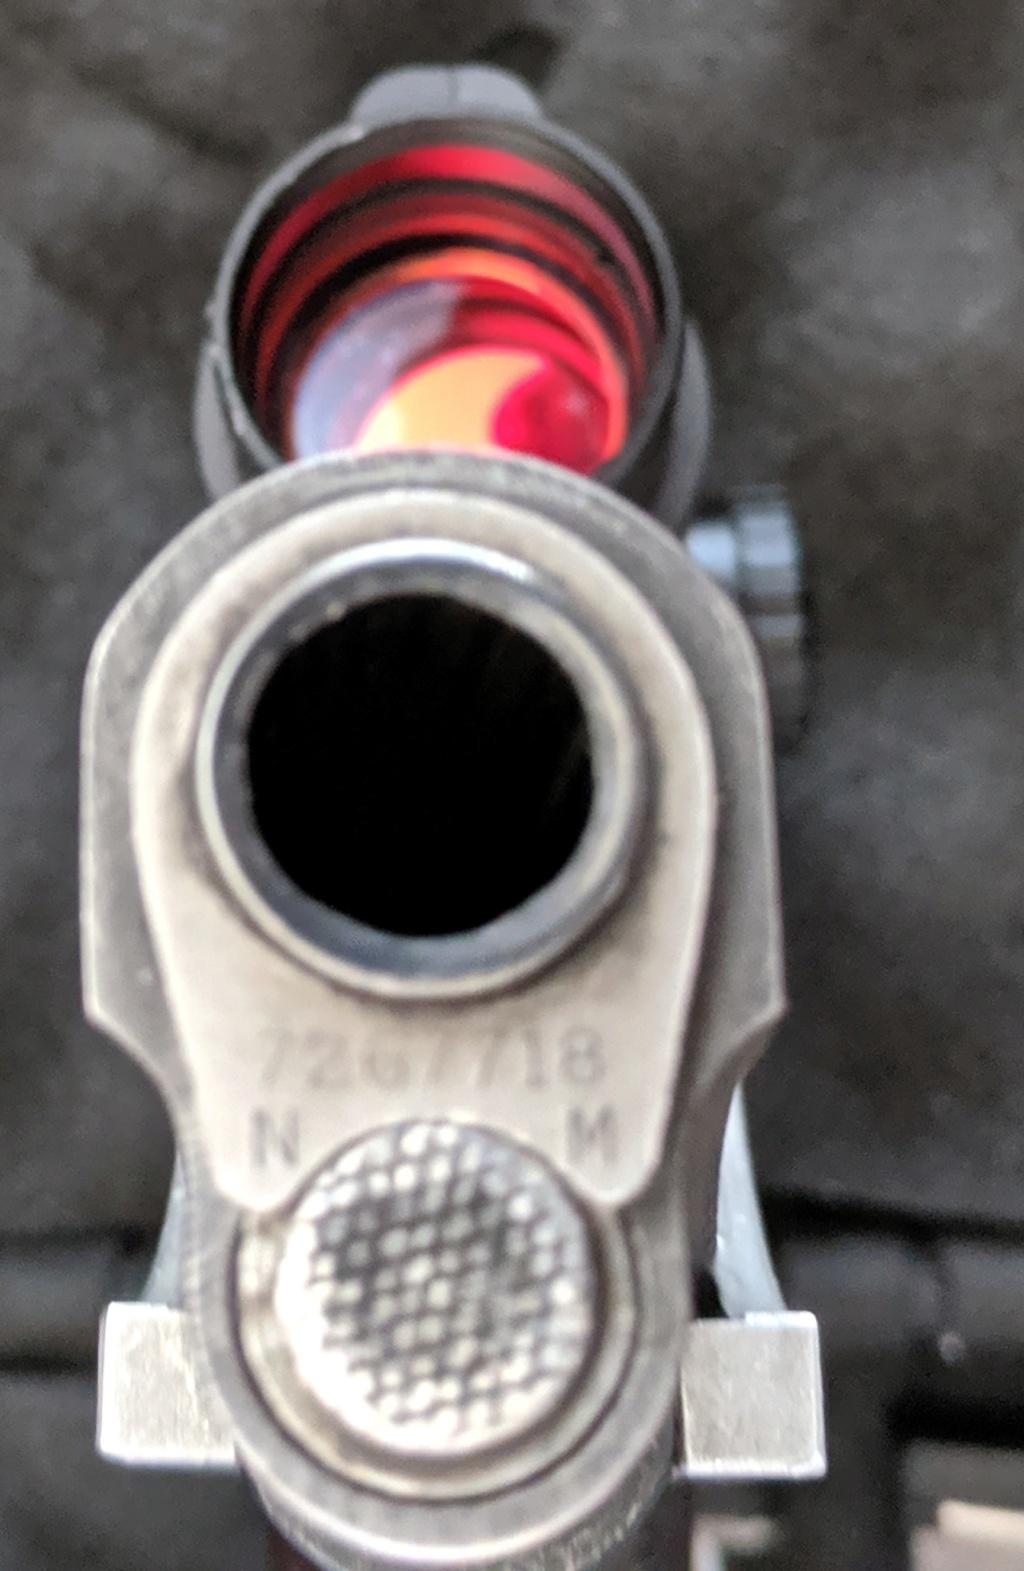 SOLD, pending funds - Les Baer Custom 1911 Bullseye Wadcutter Pistol Img_2113